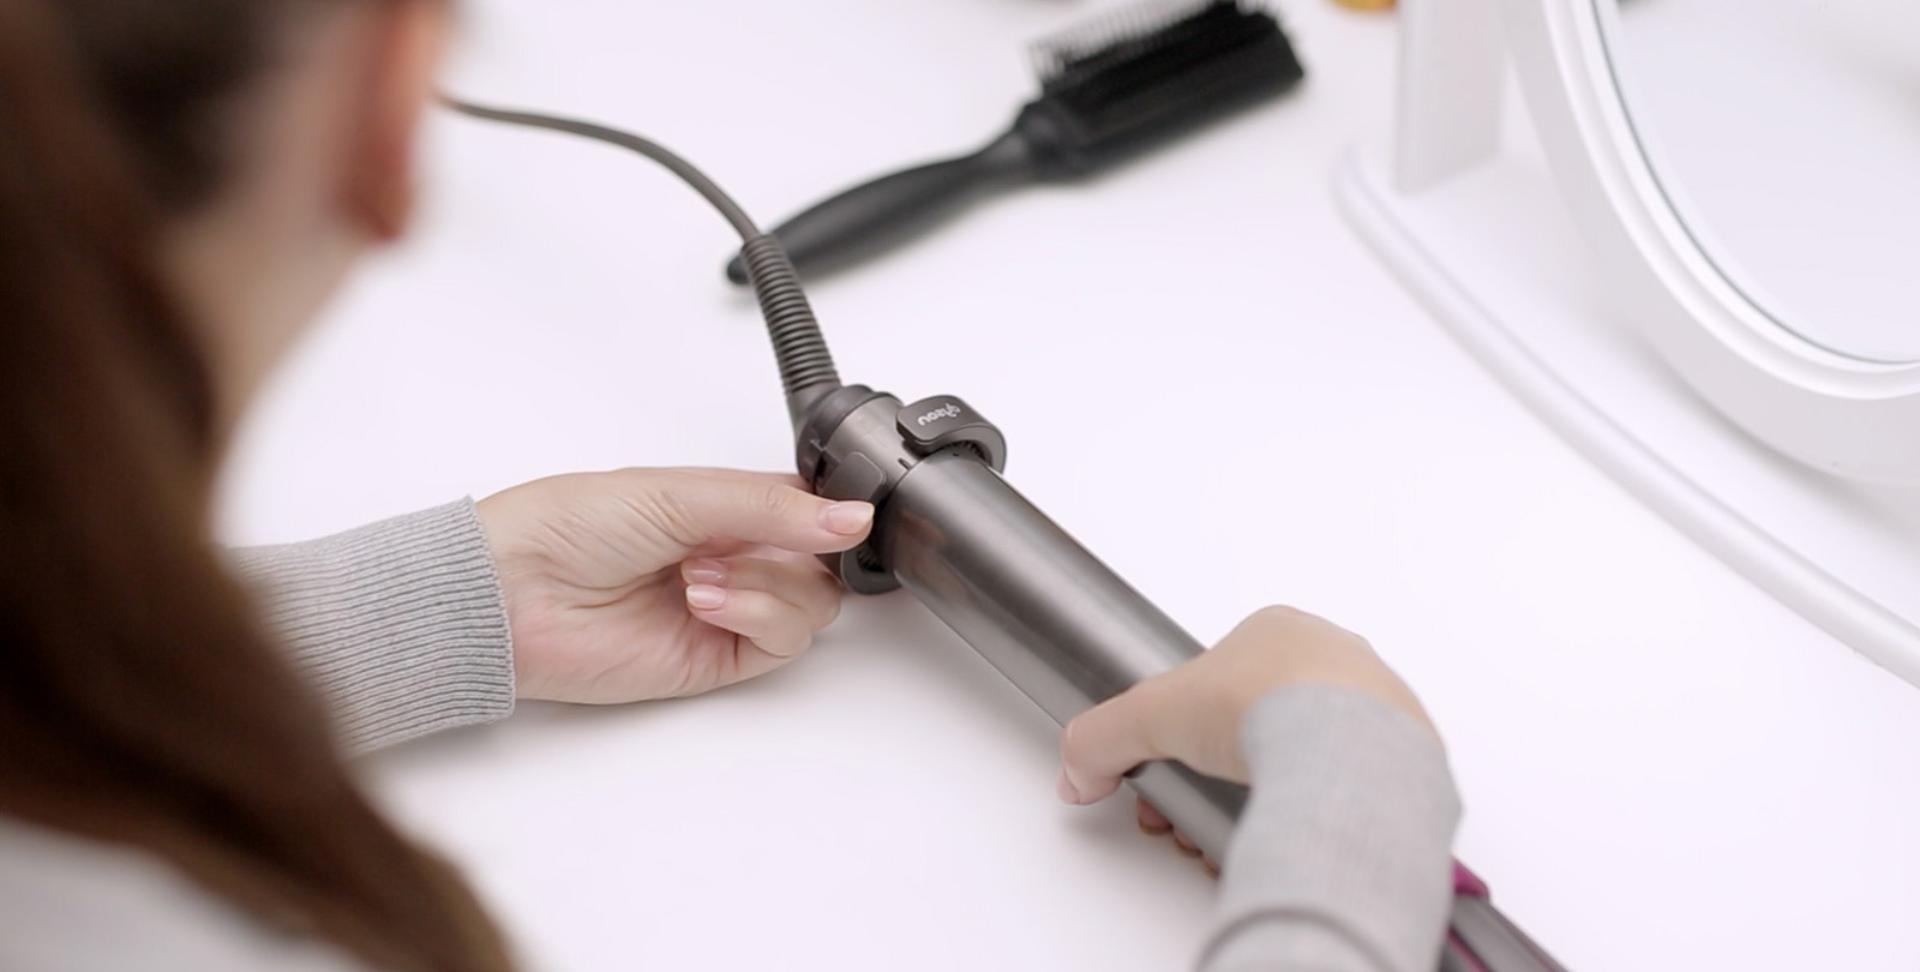 Videoclip demonstrând curățarea filtrului aparatului de coafat Airwrap™